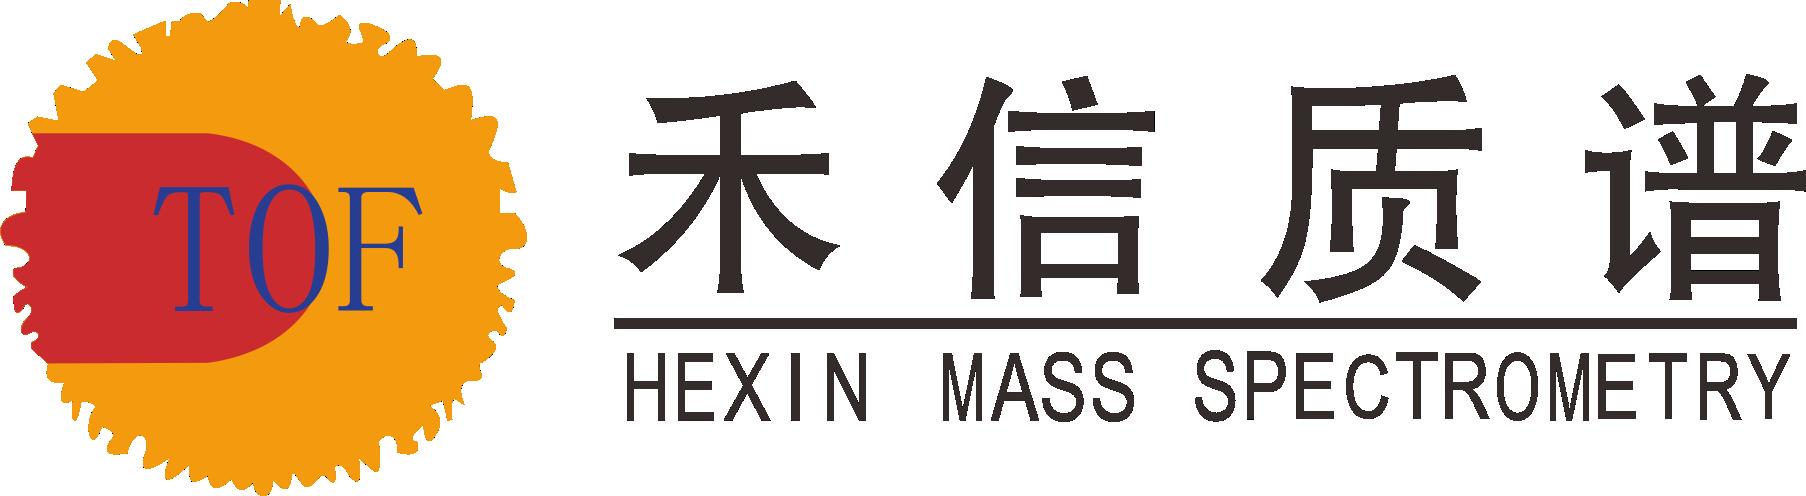 广州禾信仪器股份有限公司